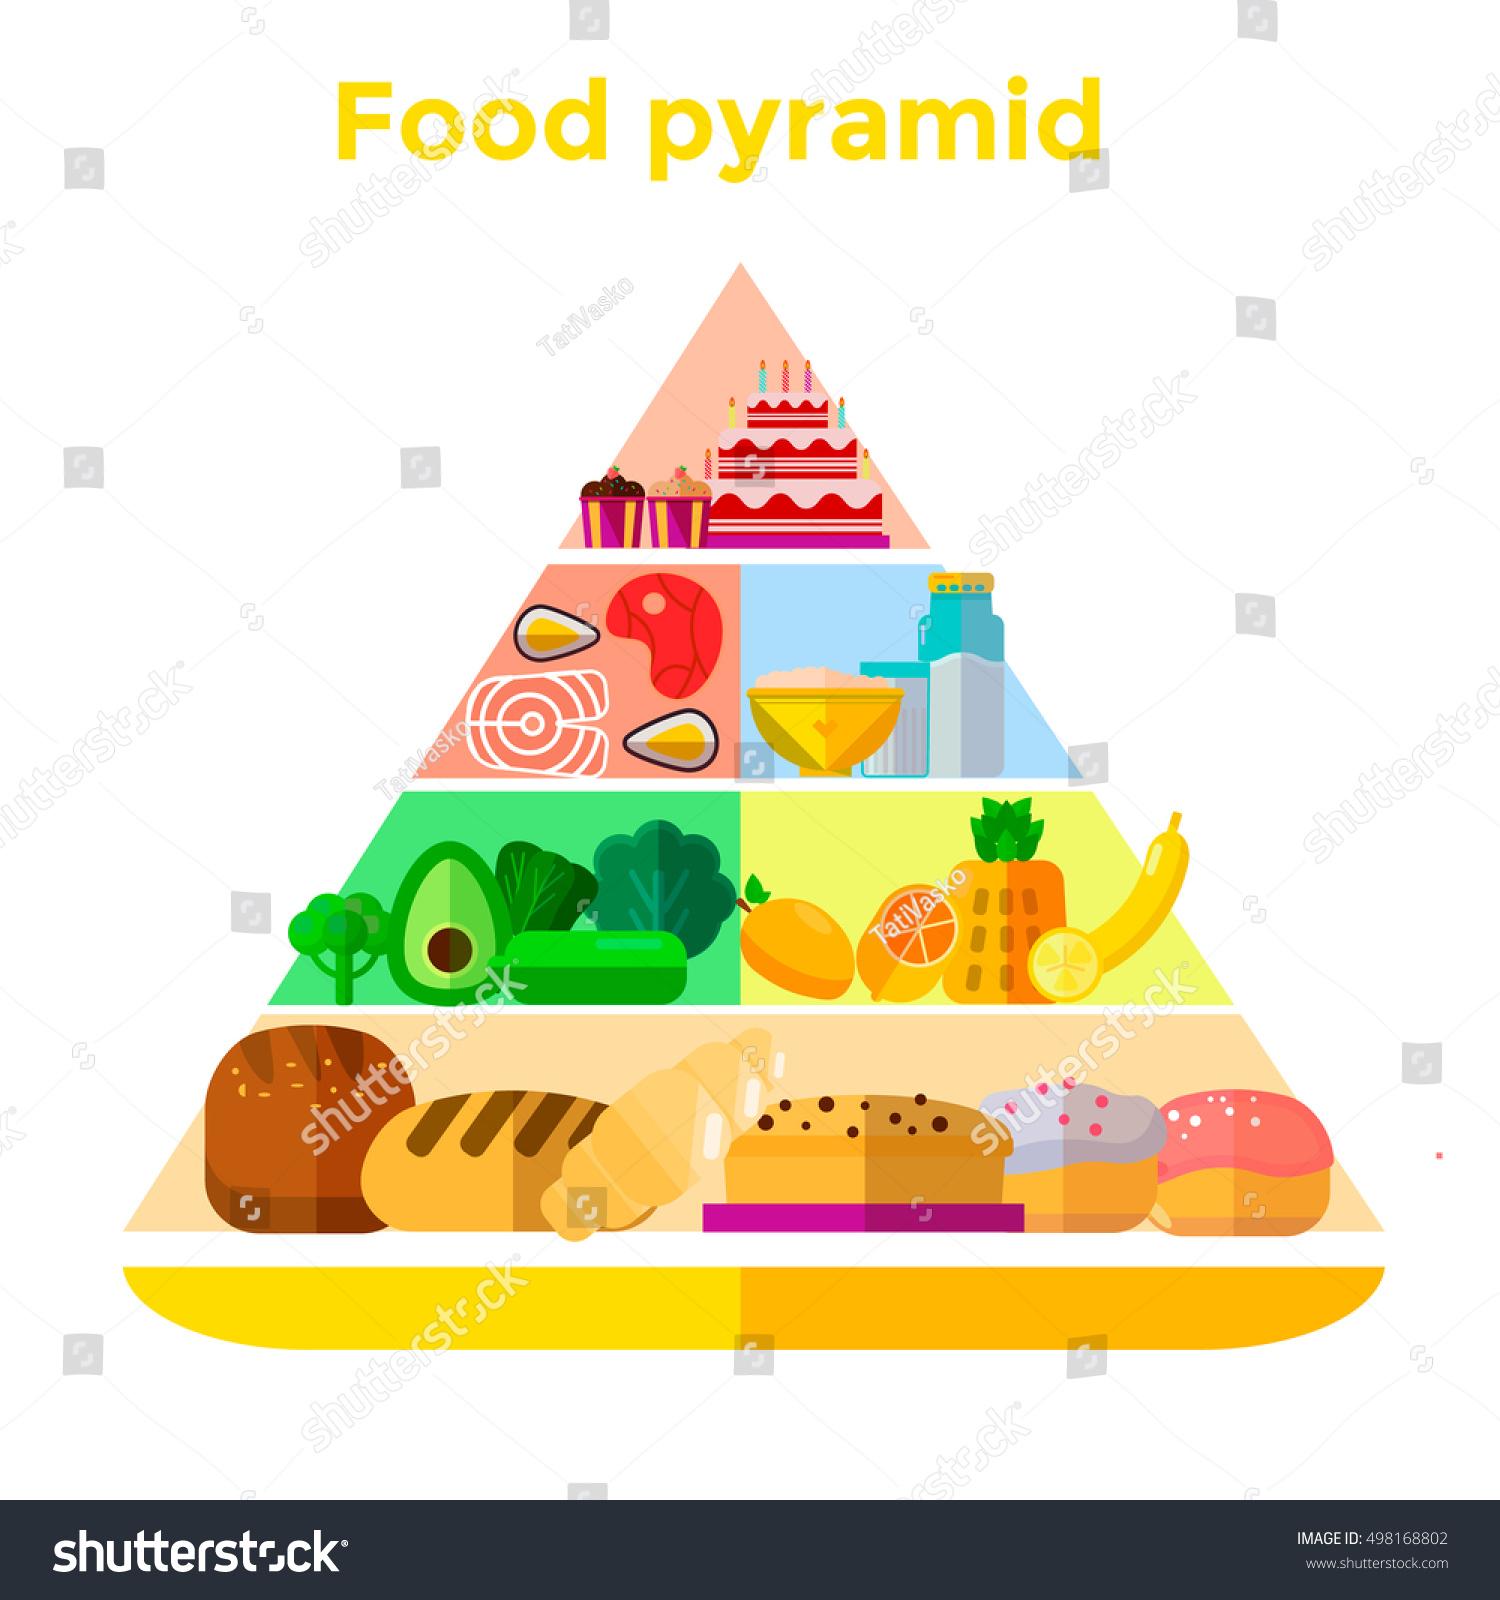 Diagram Of Healthy Food Pyramid